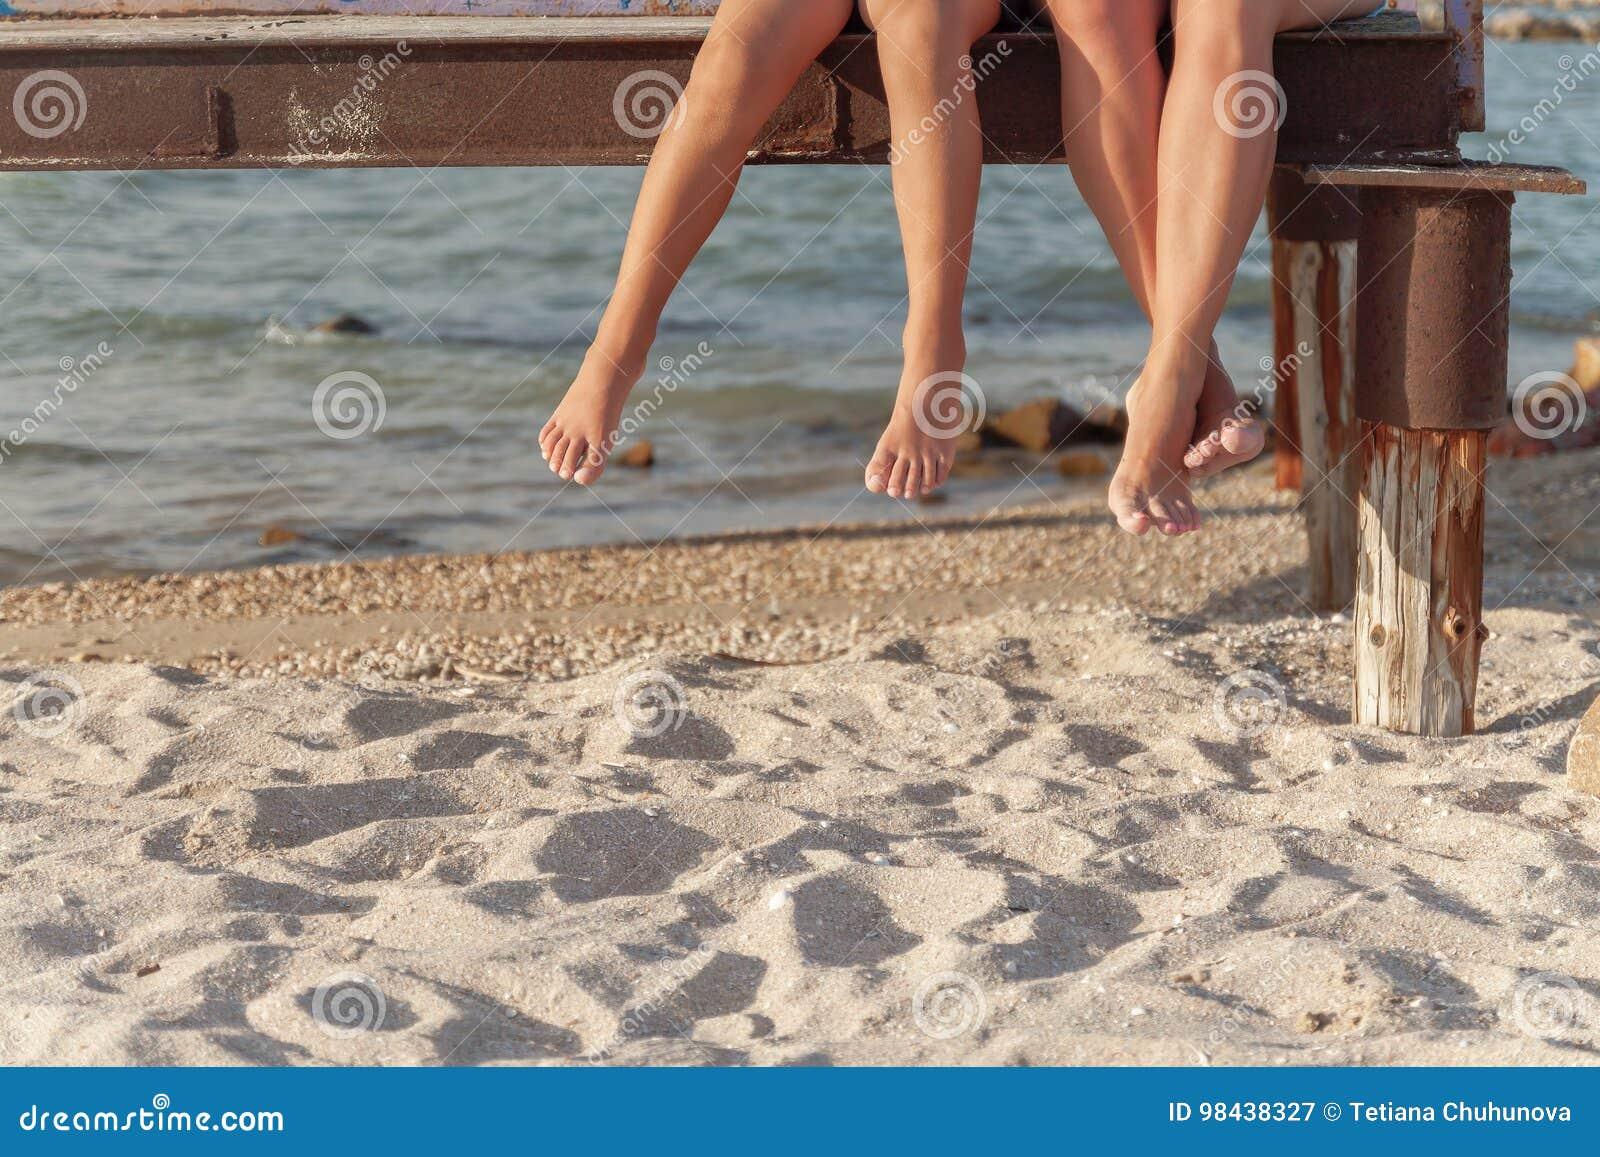 摇晃在海滩沙子的两个对腿